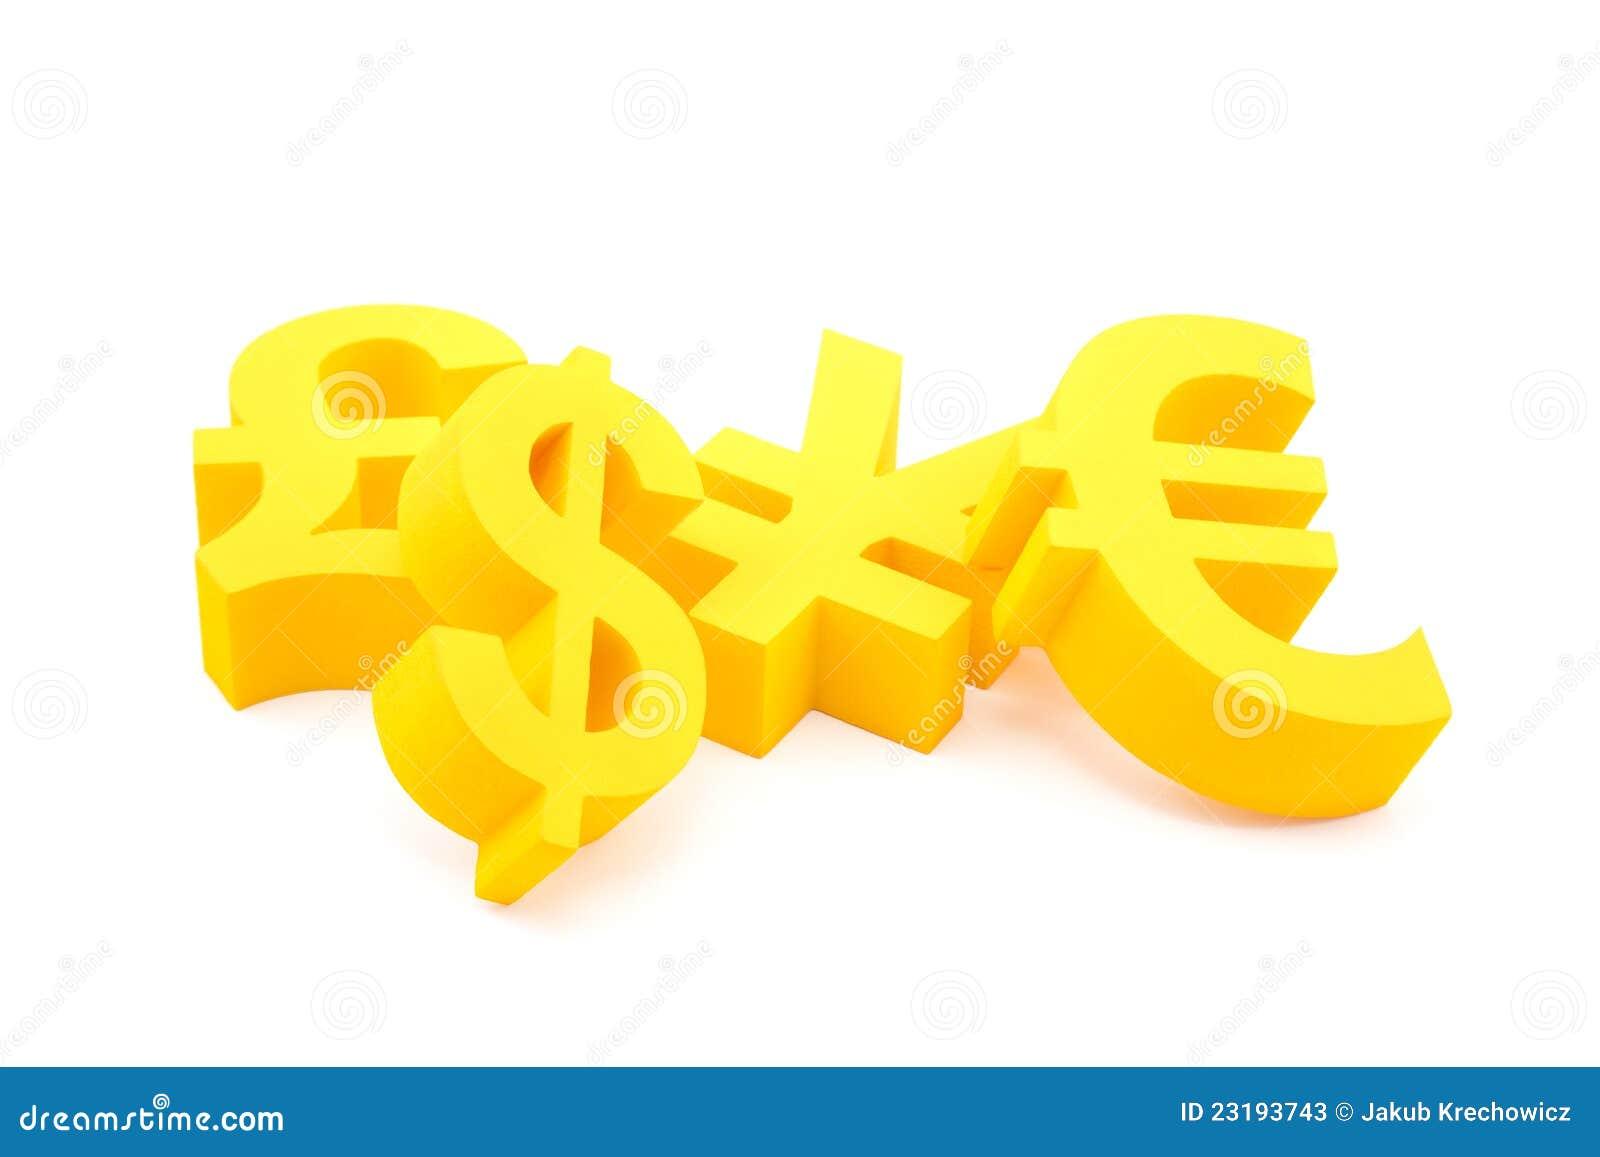 Waluta symbole